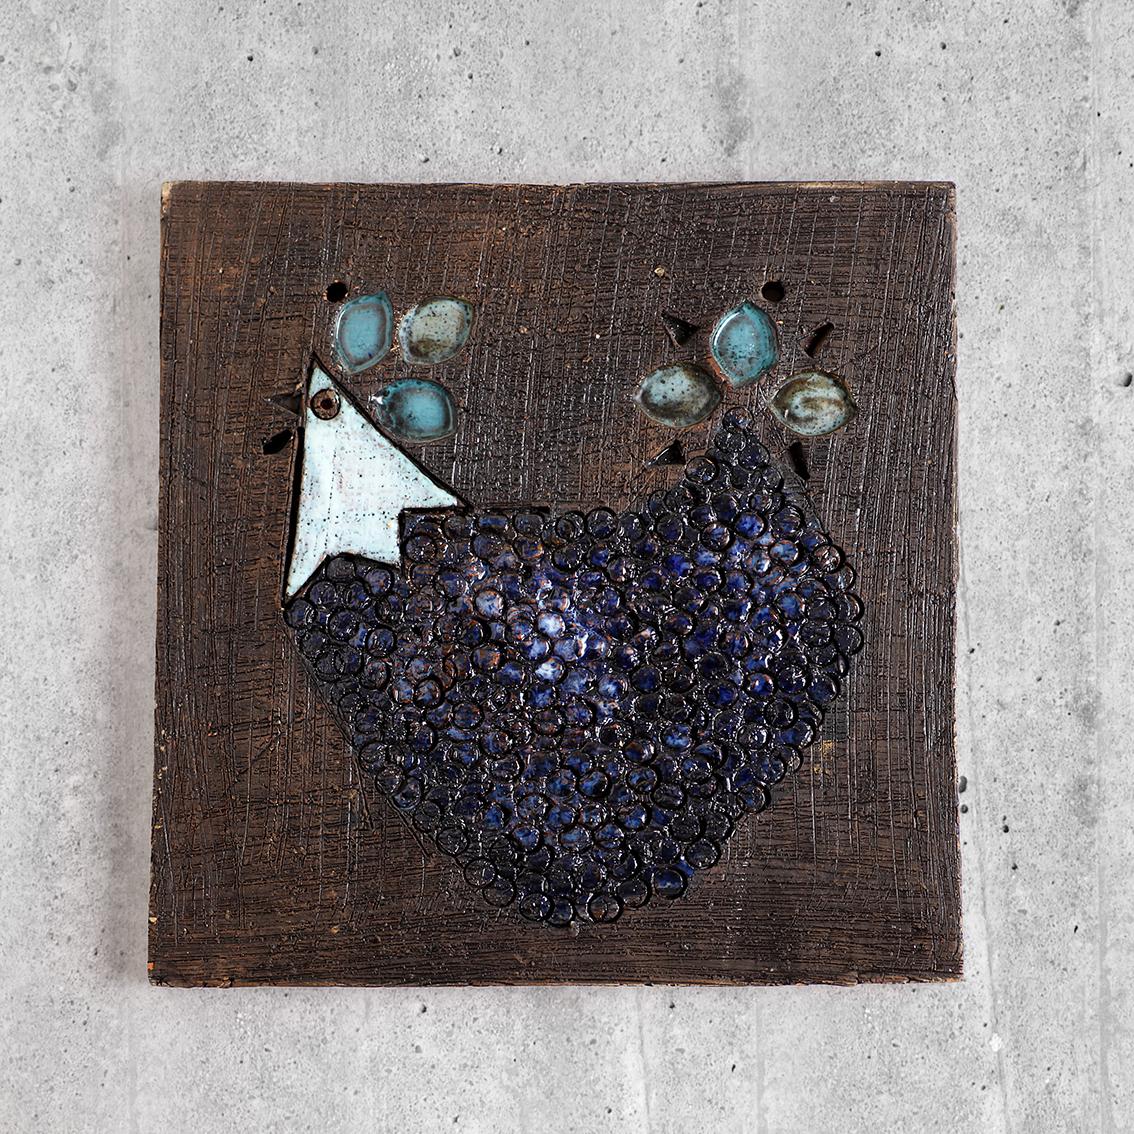 Tilgmans Keramik ティルグマン 鳥の陶板 北欧ヴィンテージ